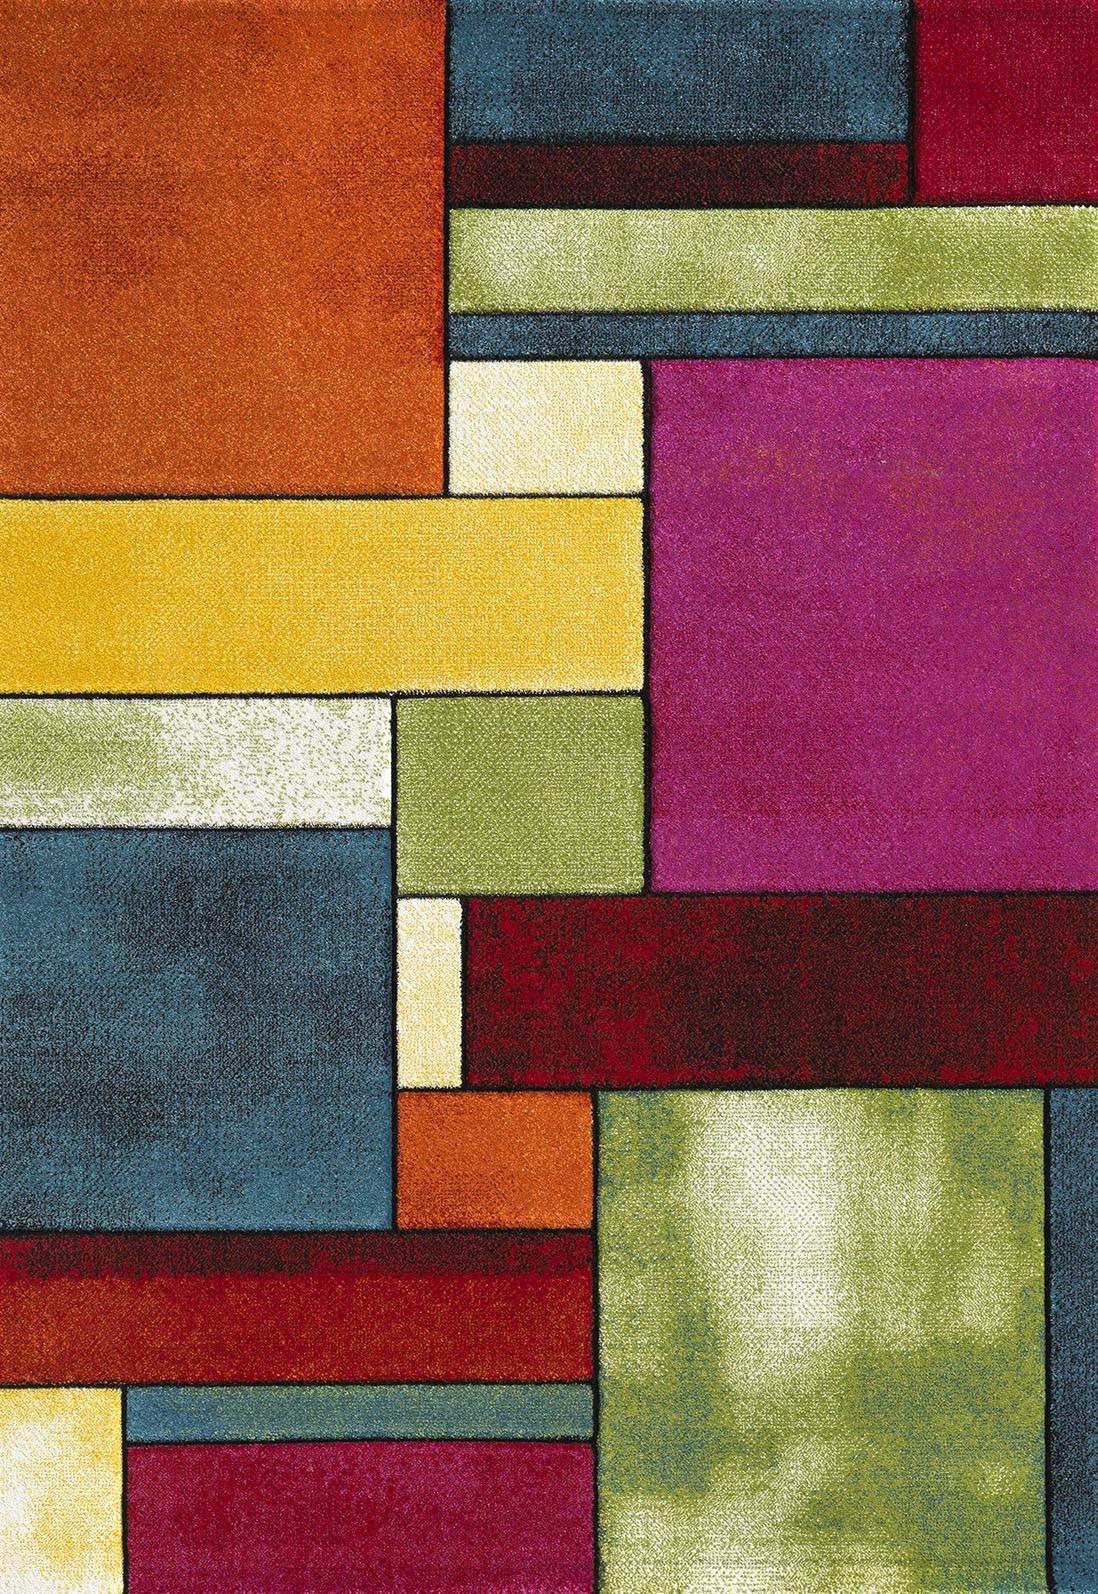 Χαλί (133x190) Viopros Μόντερν Πολύχρωμο